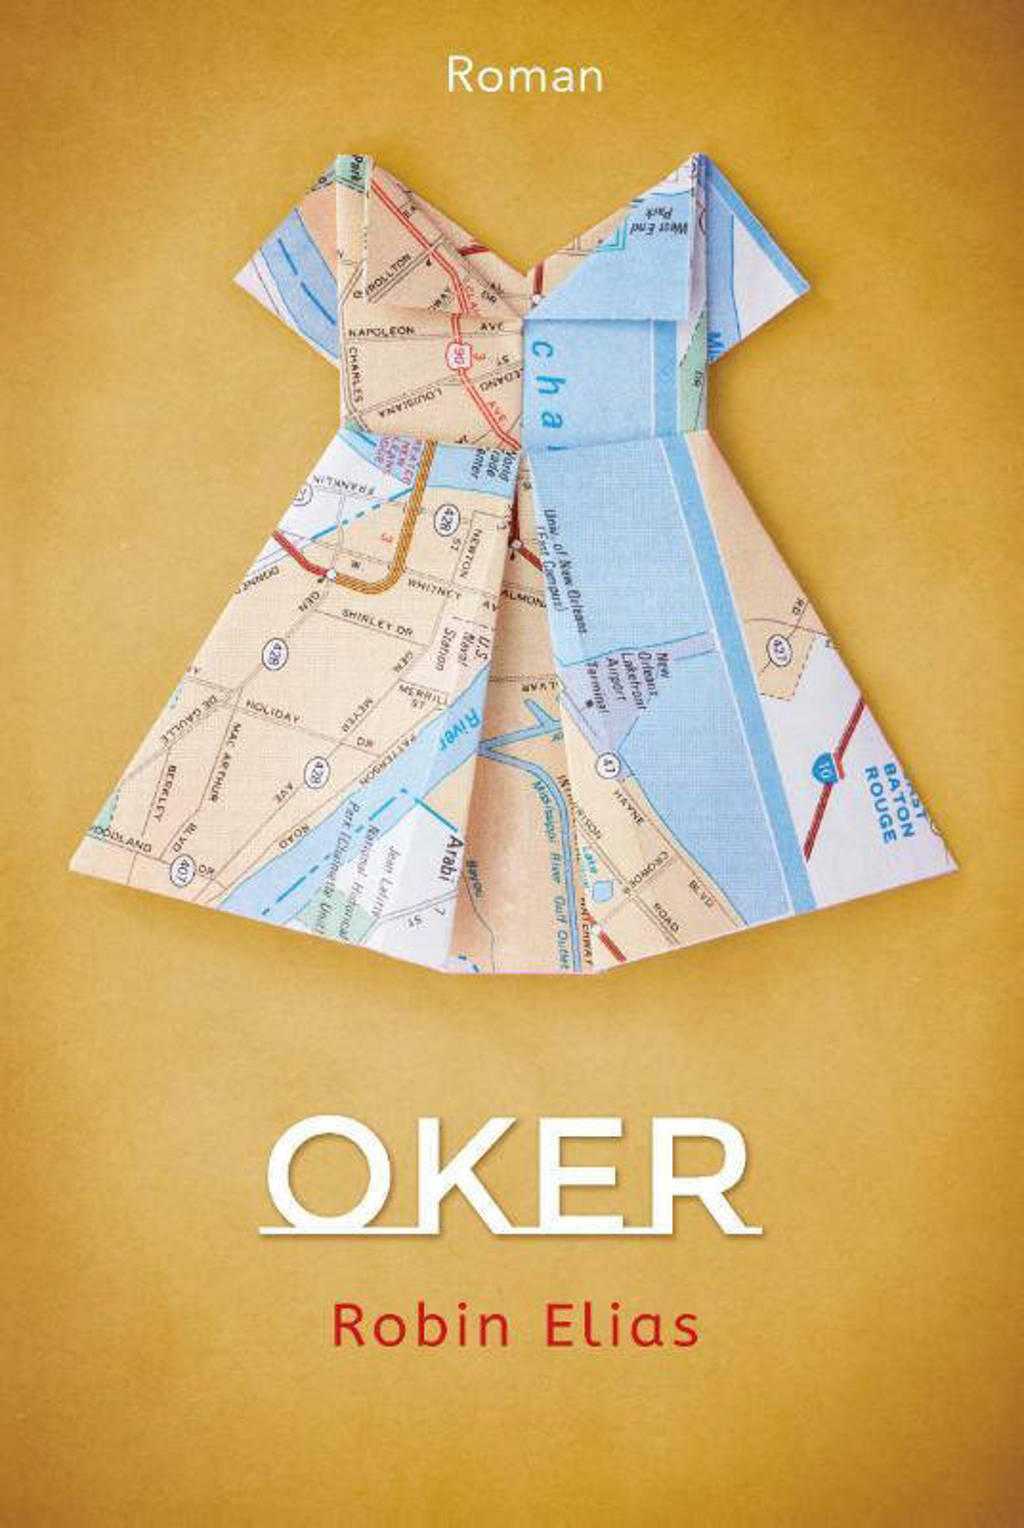 Oker - Robin Elias